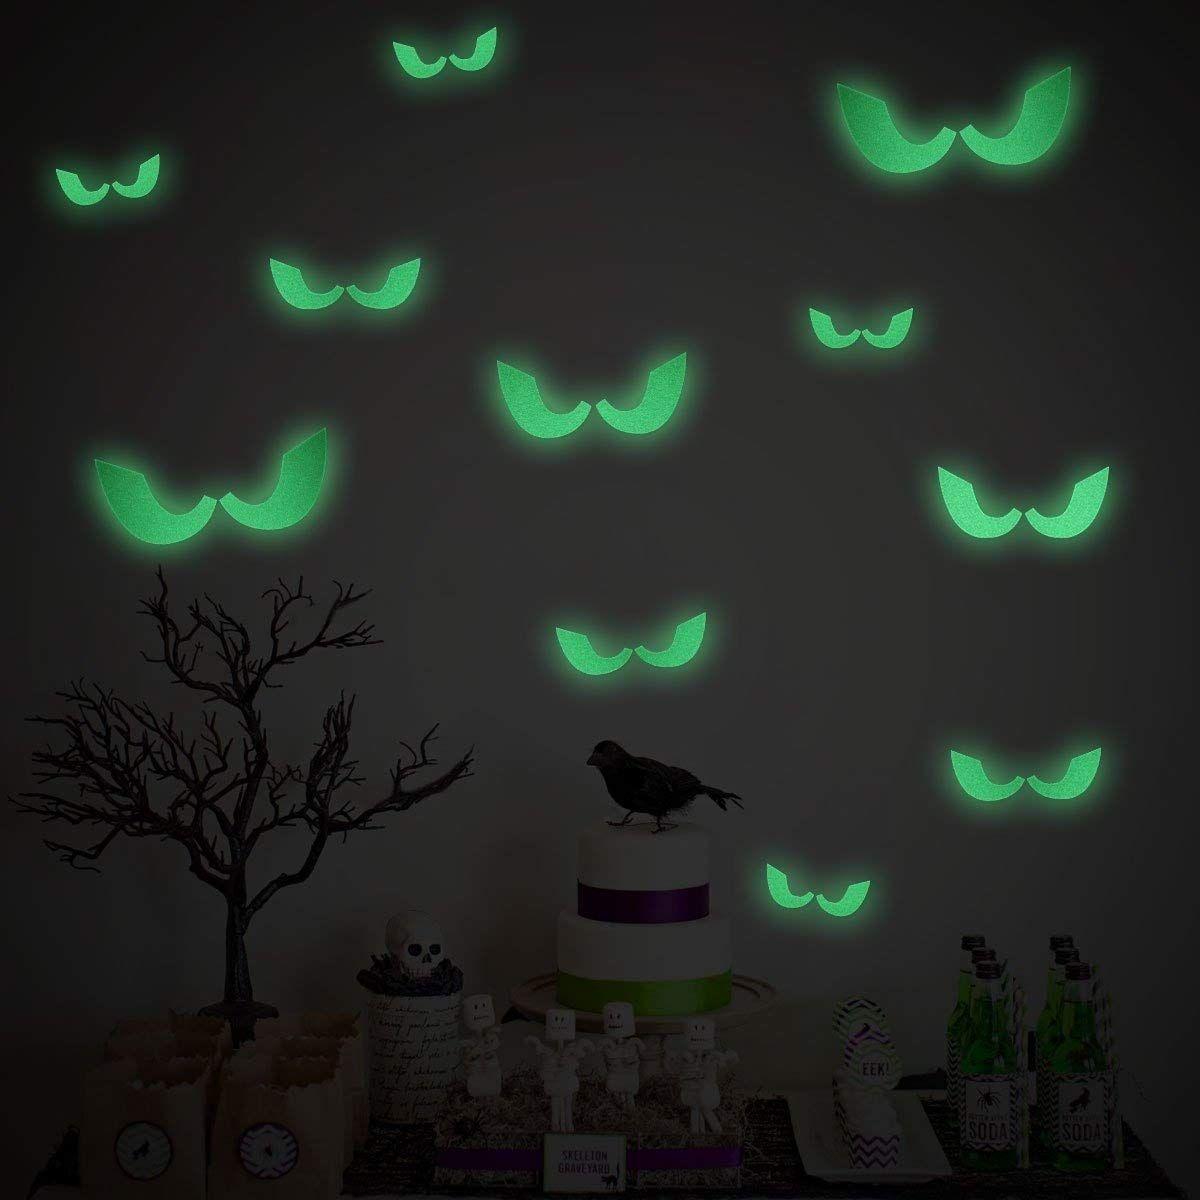 Küche dekorieren ideen von joanna gewinnt uacunomor halloween dekoration boese augen fluoreszierende